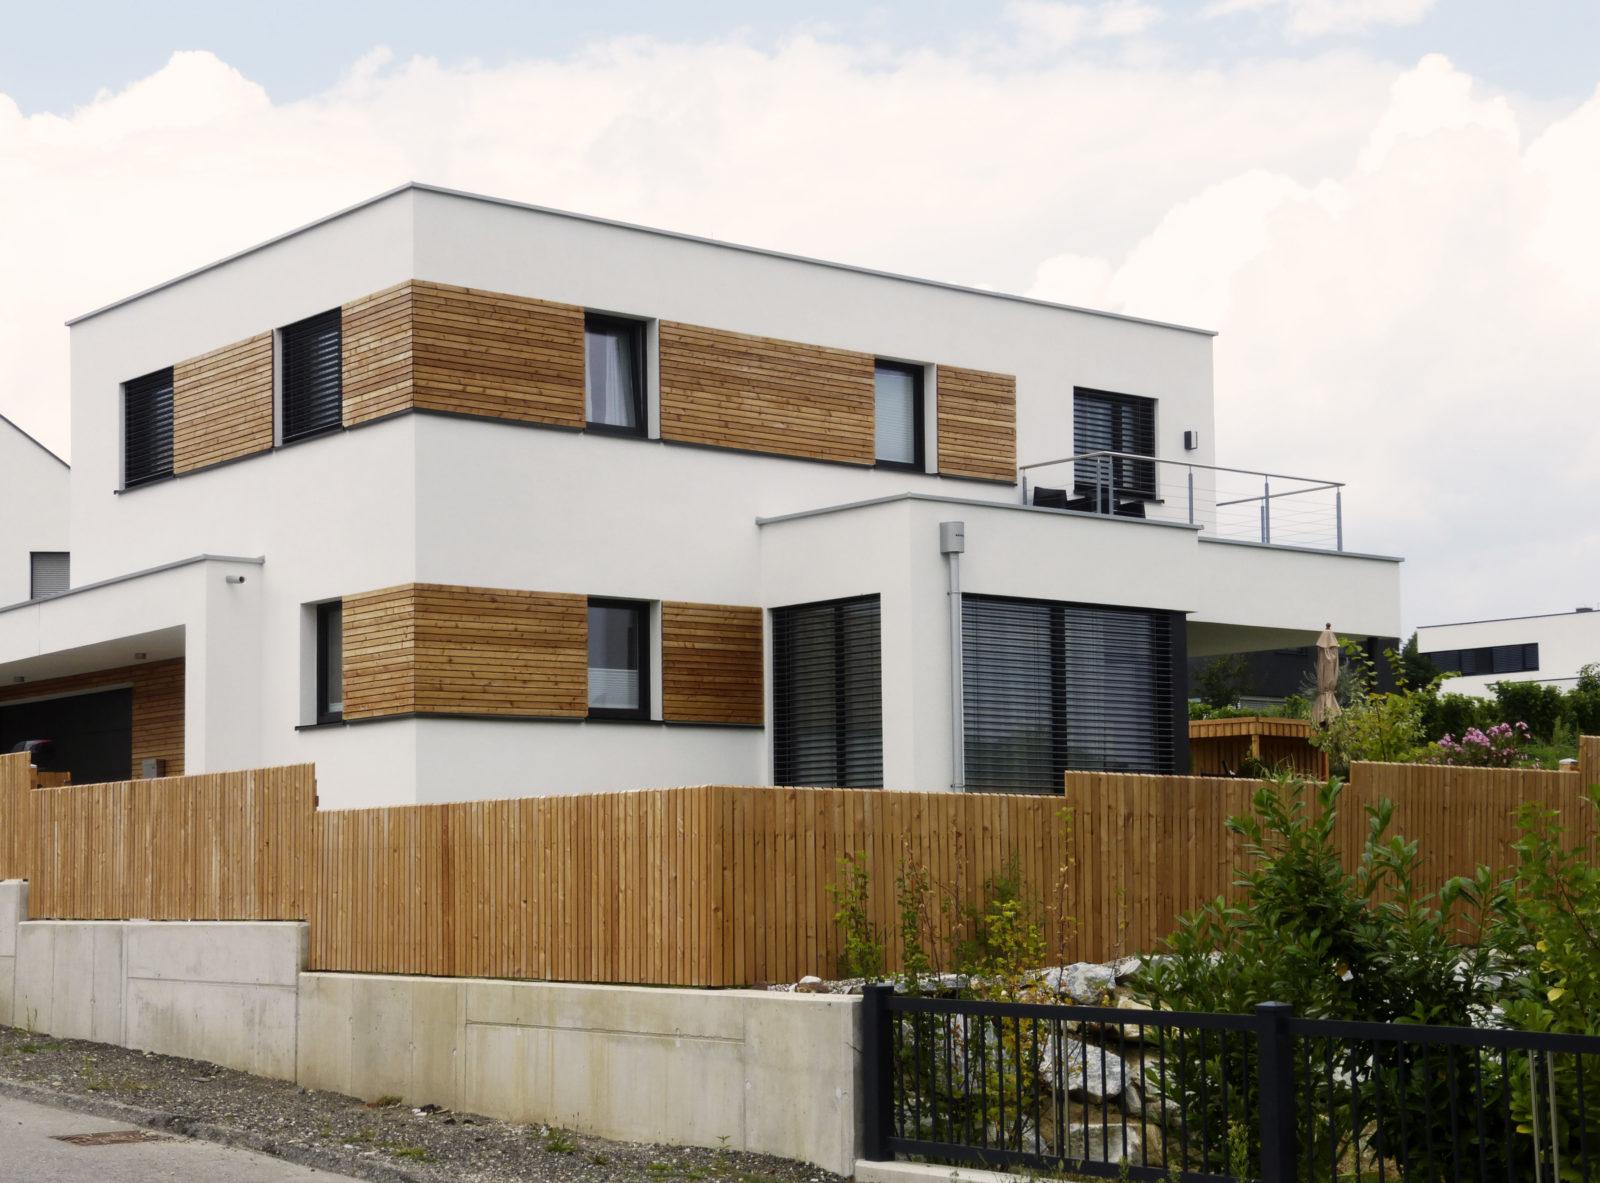 energieeffizient bauen mit kfw f rderung plusenergiehaus. Black Bedroom Furniture Sets. Home Design Ideas